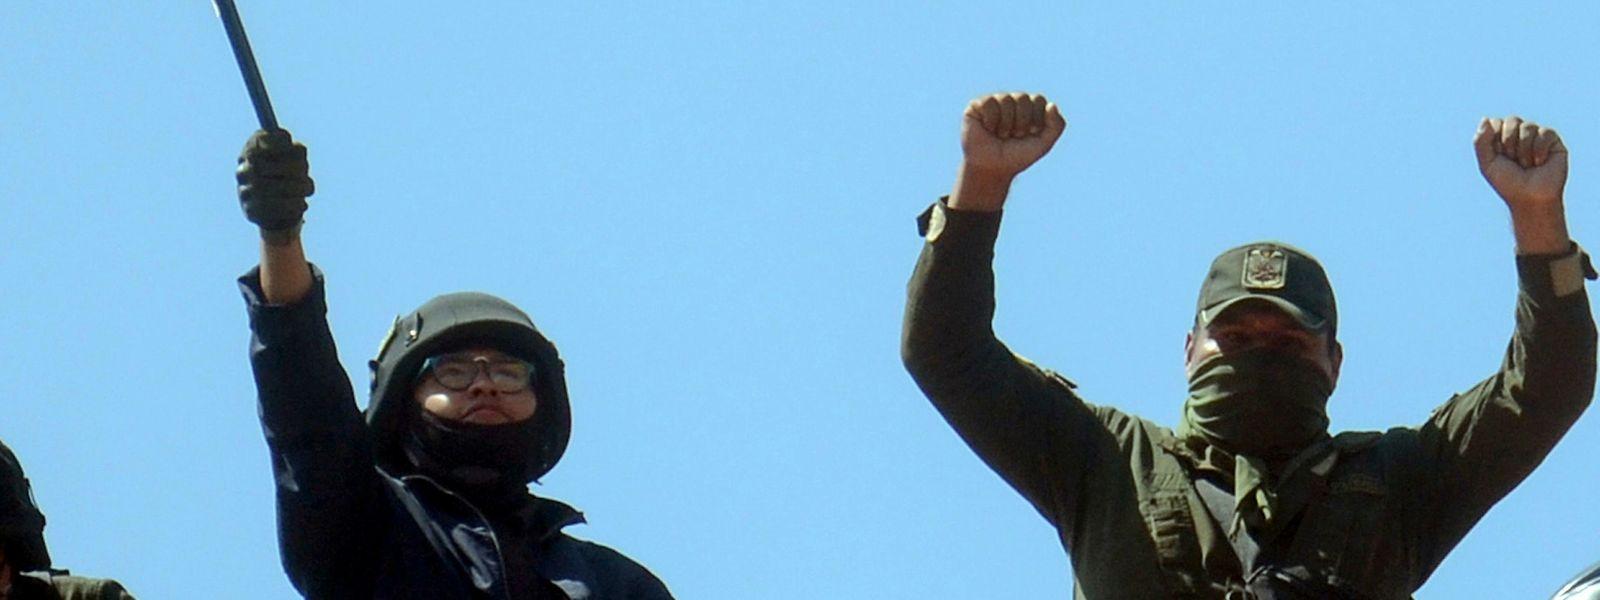 Rebellierende Polizisten auf dem Dach eines besetzten Gebäudes.